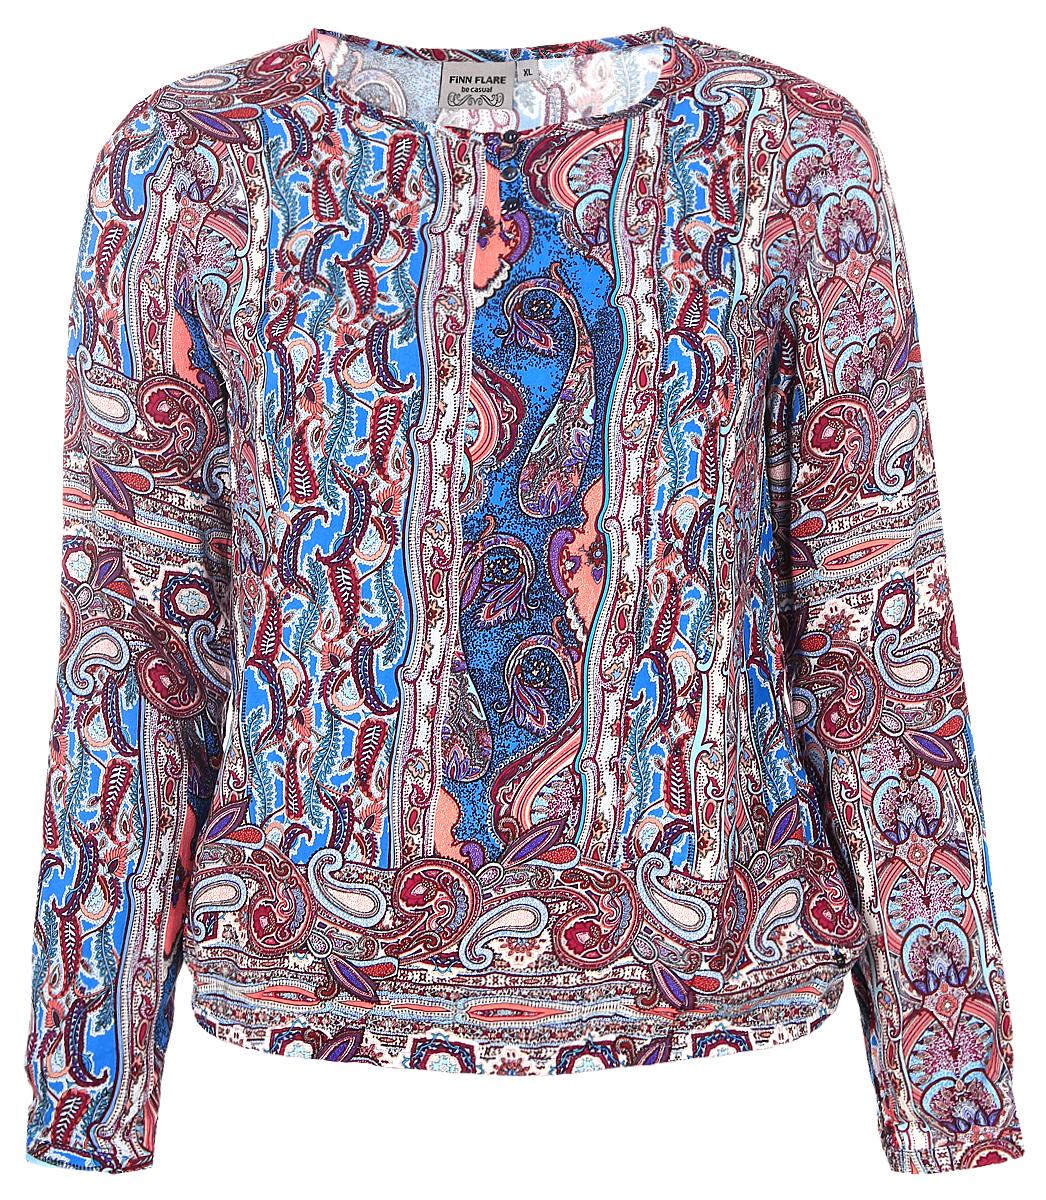 B17-12044_618Женская блуза Finn Flare с длинными рукавами и круглым вырезом горловины выполнена из натуральной вискозы. Блузка имеет свободный крой и застегивается на пуговицы на груди. Манжеты рукавов также застегиваются на пуговицы. Низ блузки дополнен эластичной резинкой. Изделие оформлено ярким этническим принтом в индийском стиле.